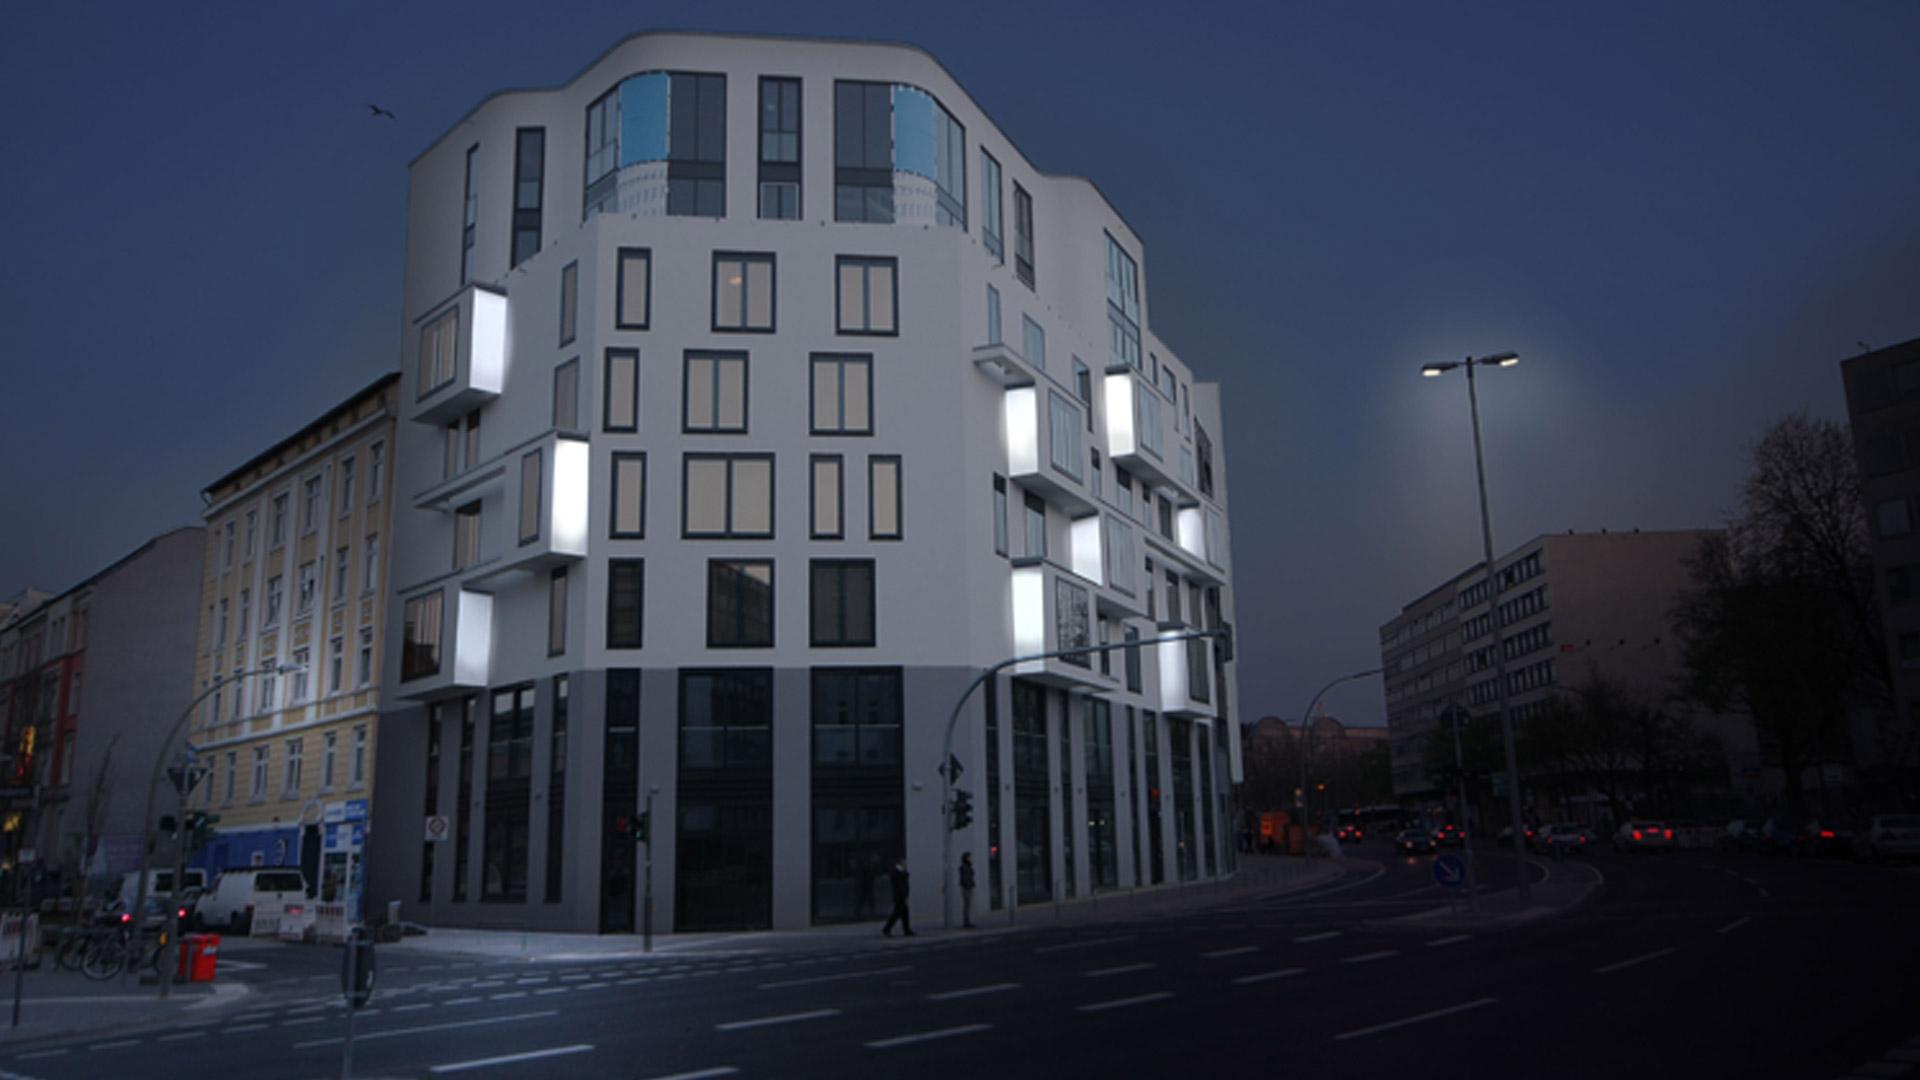 MAASS-Lichtplanung_Fassadenbeleuchtung Steinkreuzquartier in Hamburg__MAASS-Fassadenbeleuchtung-Steinkreuzquartier-006